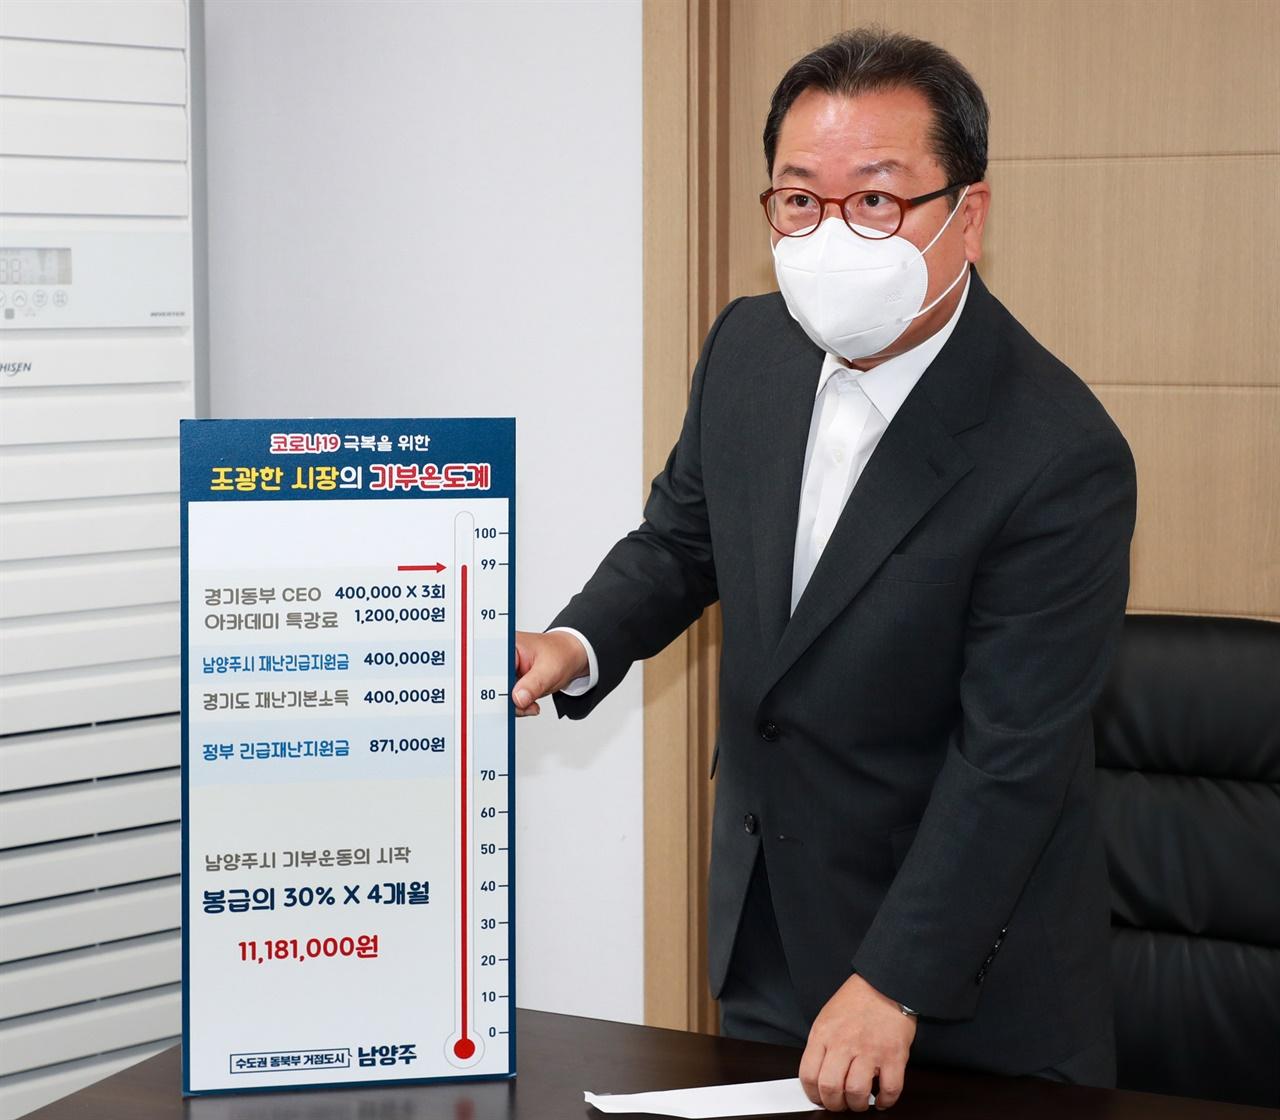 조광한 남양주시장이 개인 기부금액 1천4백만원을 돌파했다.